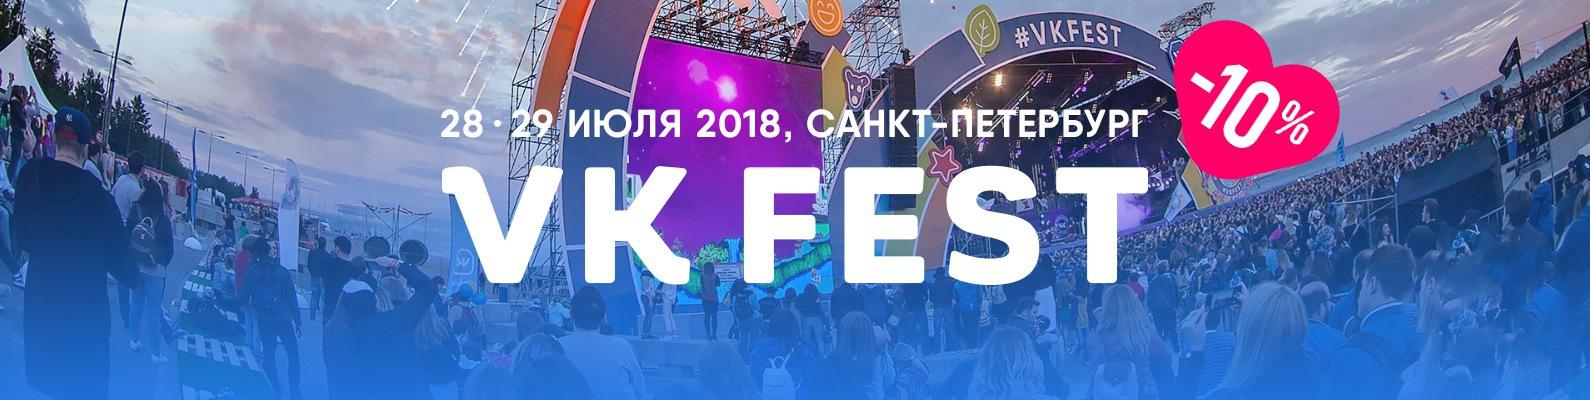 Бесплатная программа для накрутки Вконтакте Вк  VkDuty